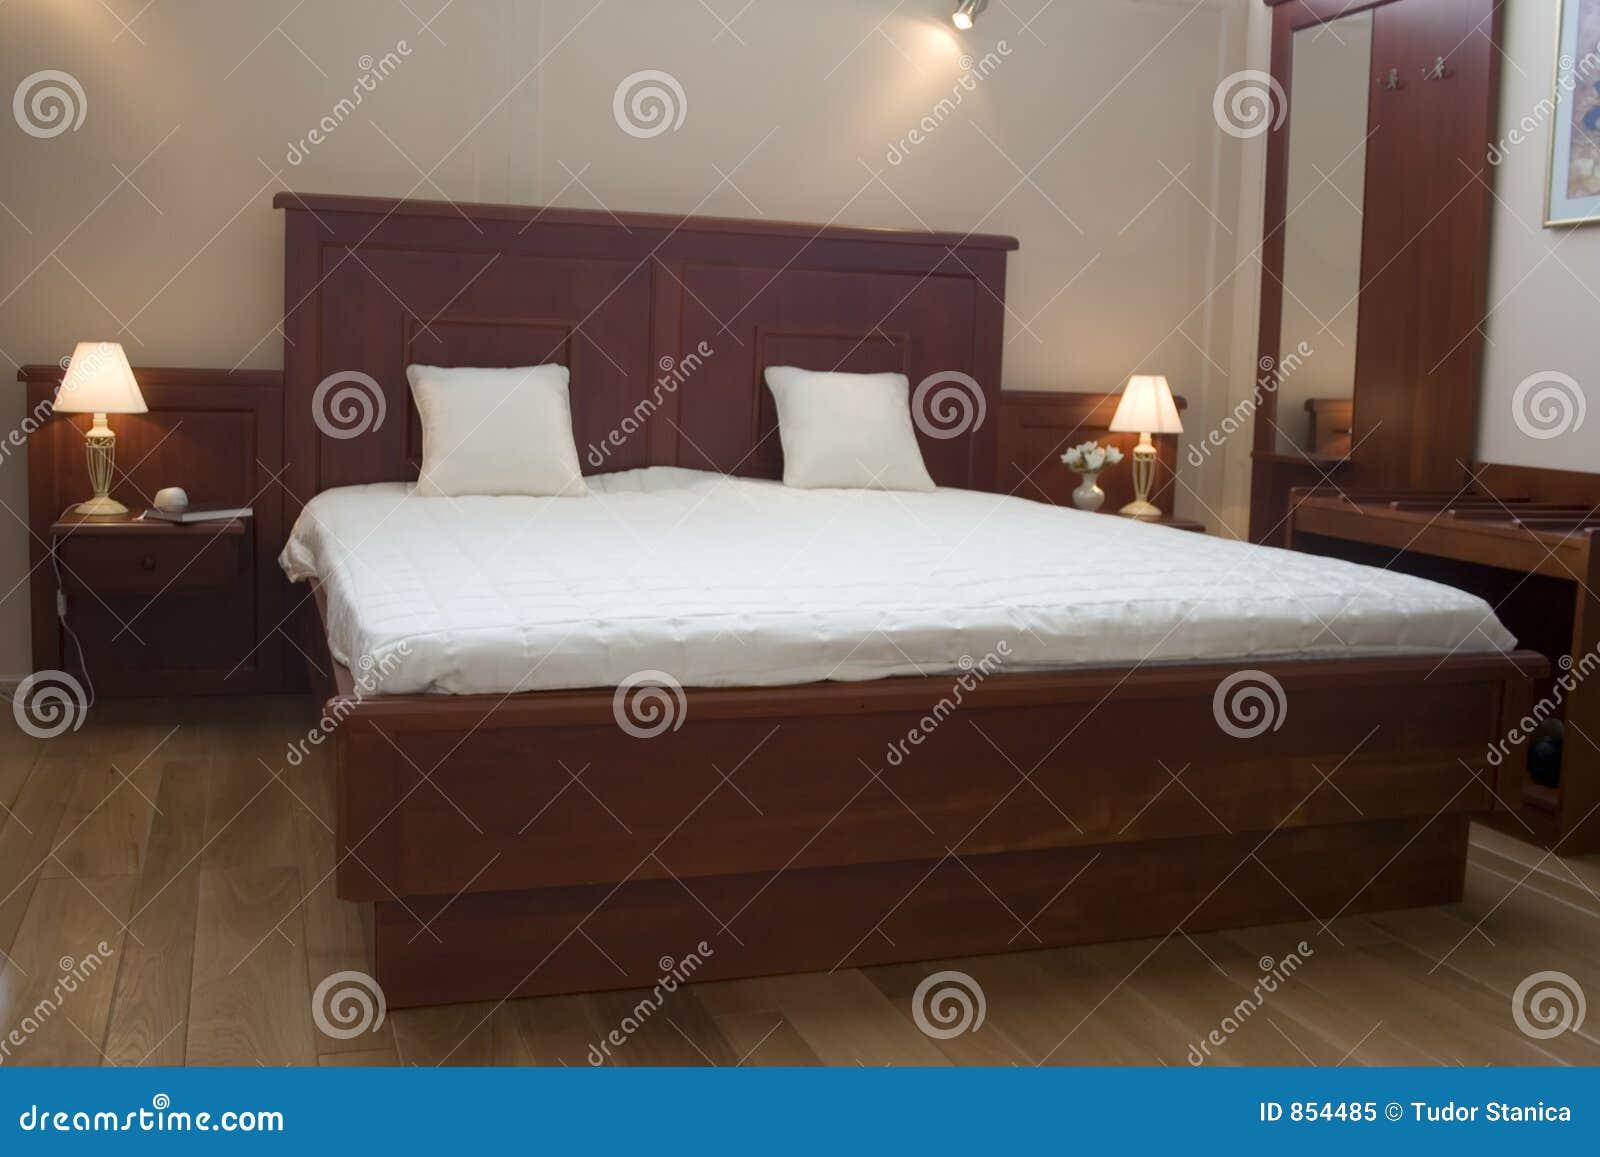 Meubles de chambre coucher photo libre de droits image for Ameublement de chambre a coucher